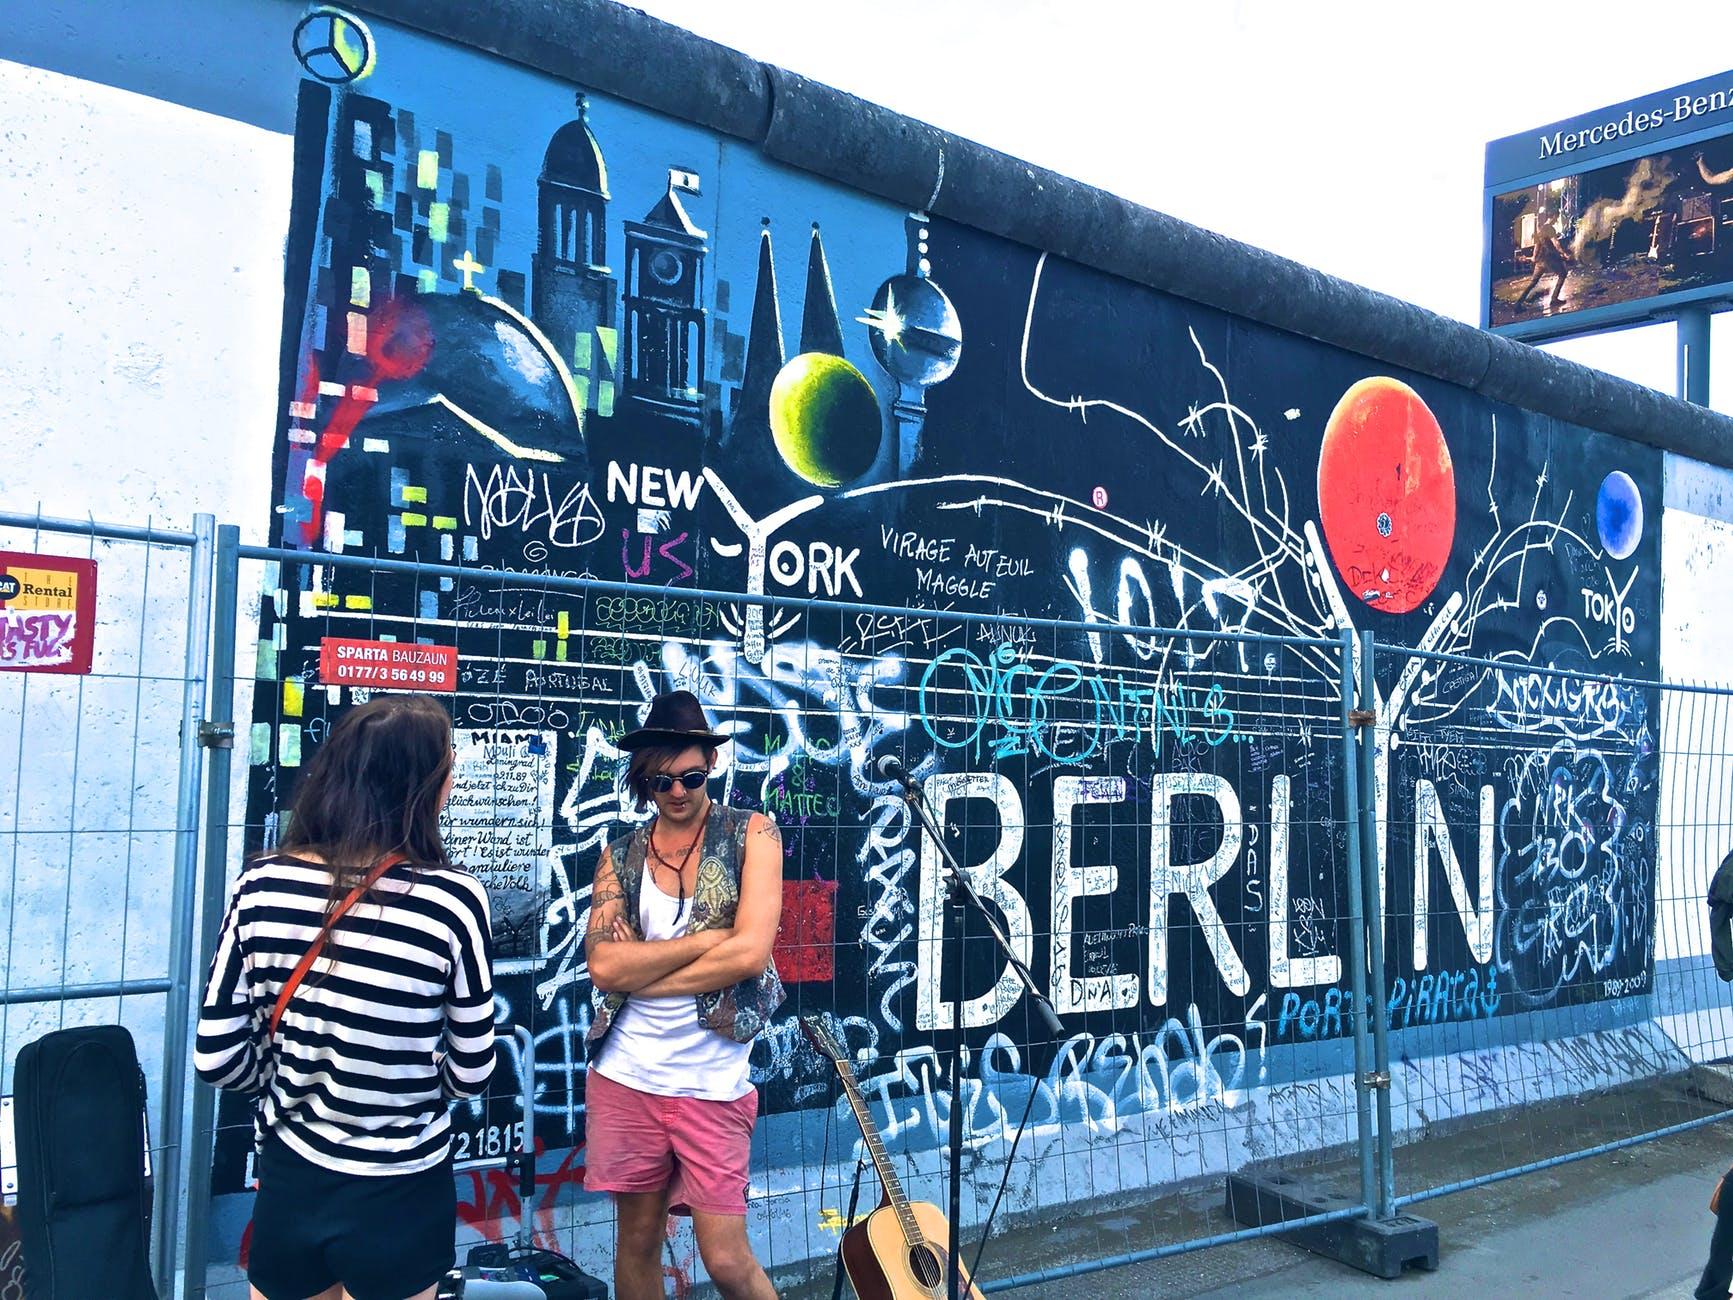 Berlin weekend getaway £135.50 per person based on 2 via Ryanair & Booking.com